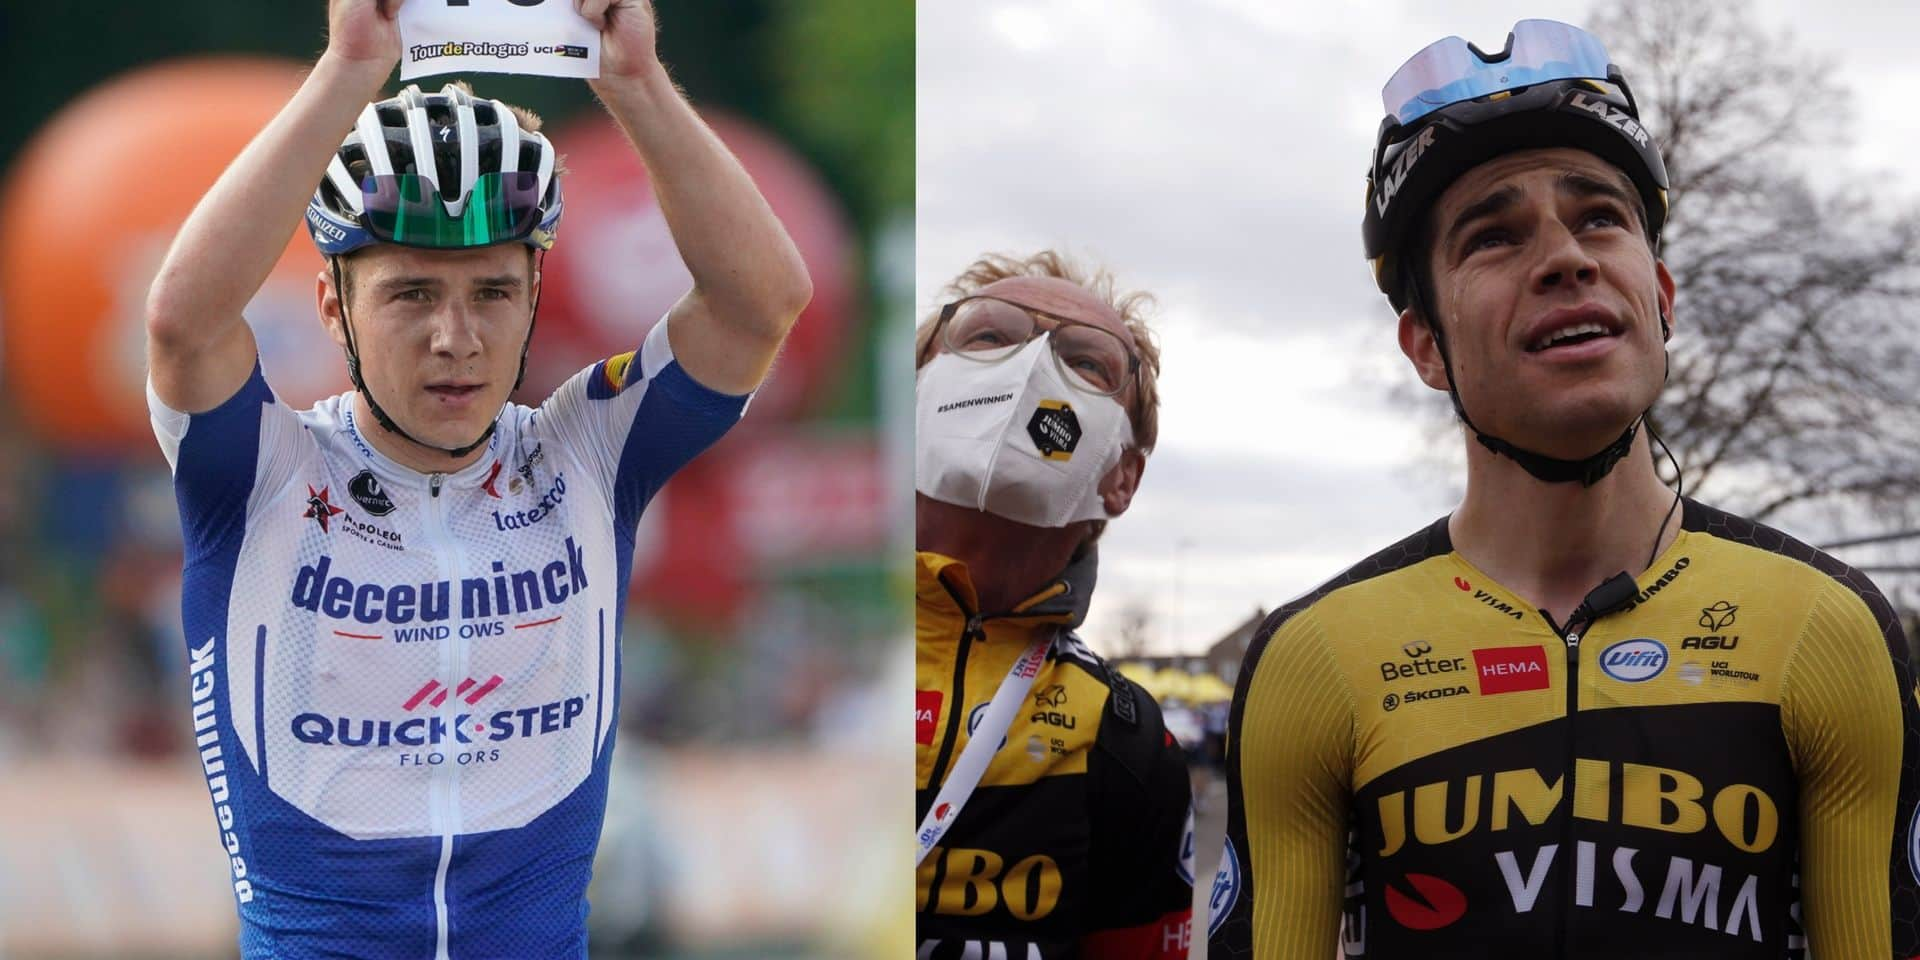 Pourquoi Van Aert et Evenepoel lâchent le championnat de Belgique du contre-la-montre